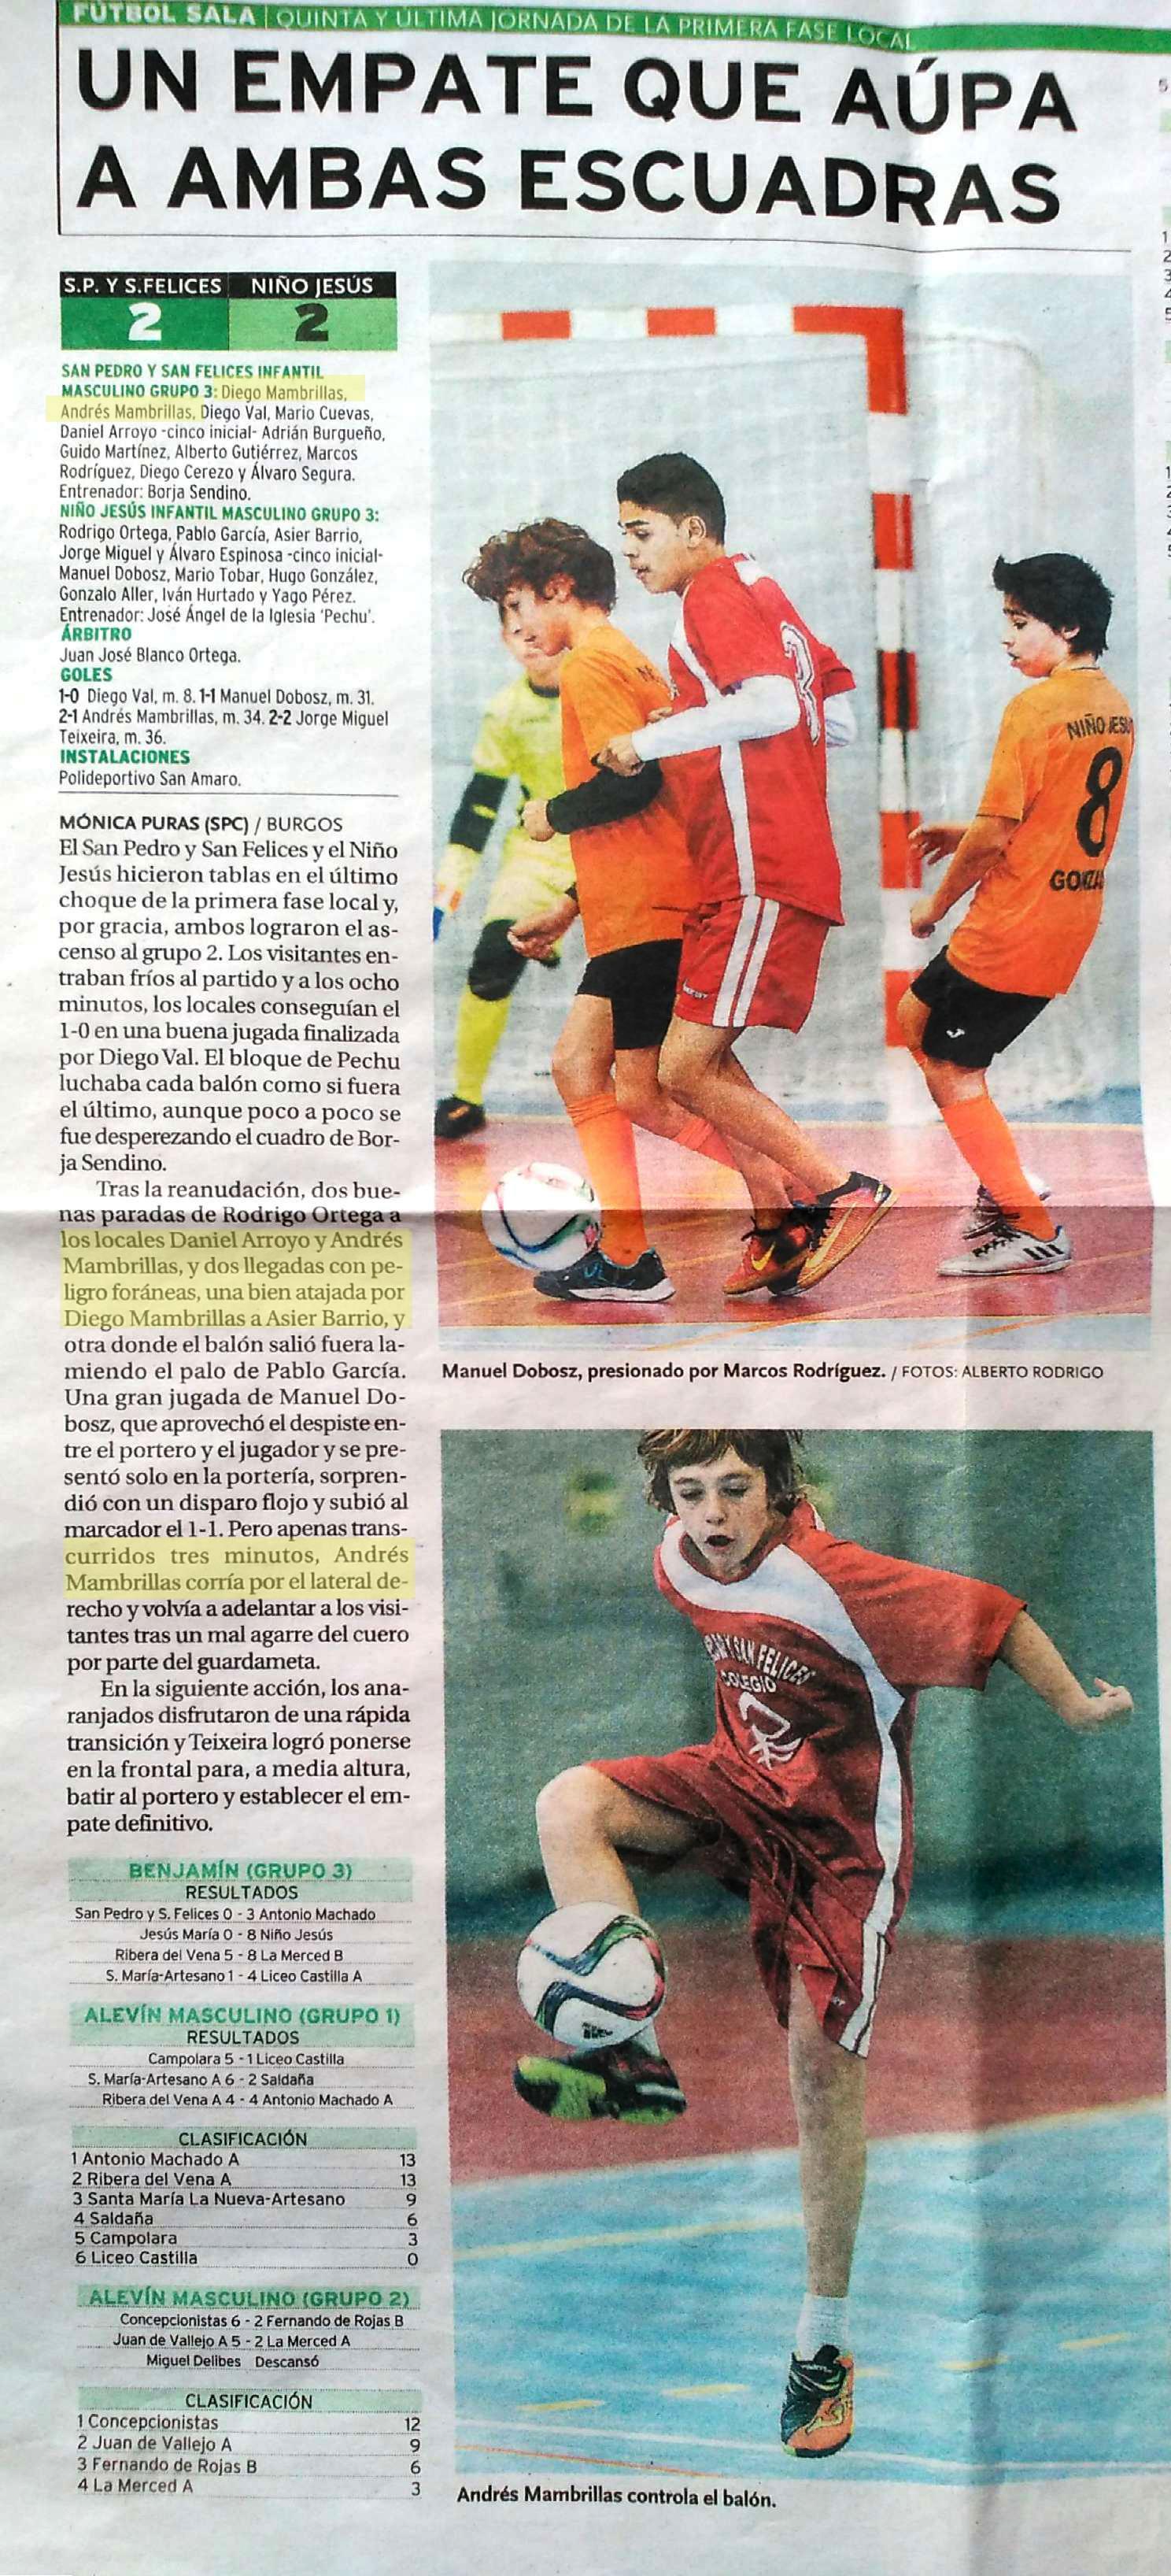 Fútbol Sala - Diario de Burgos 3-12-2016